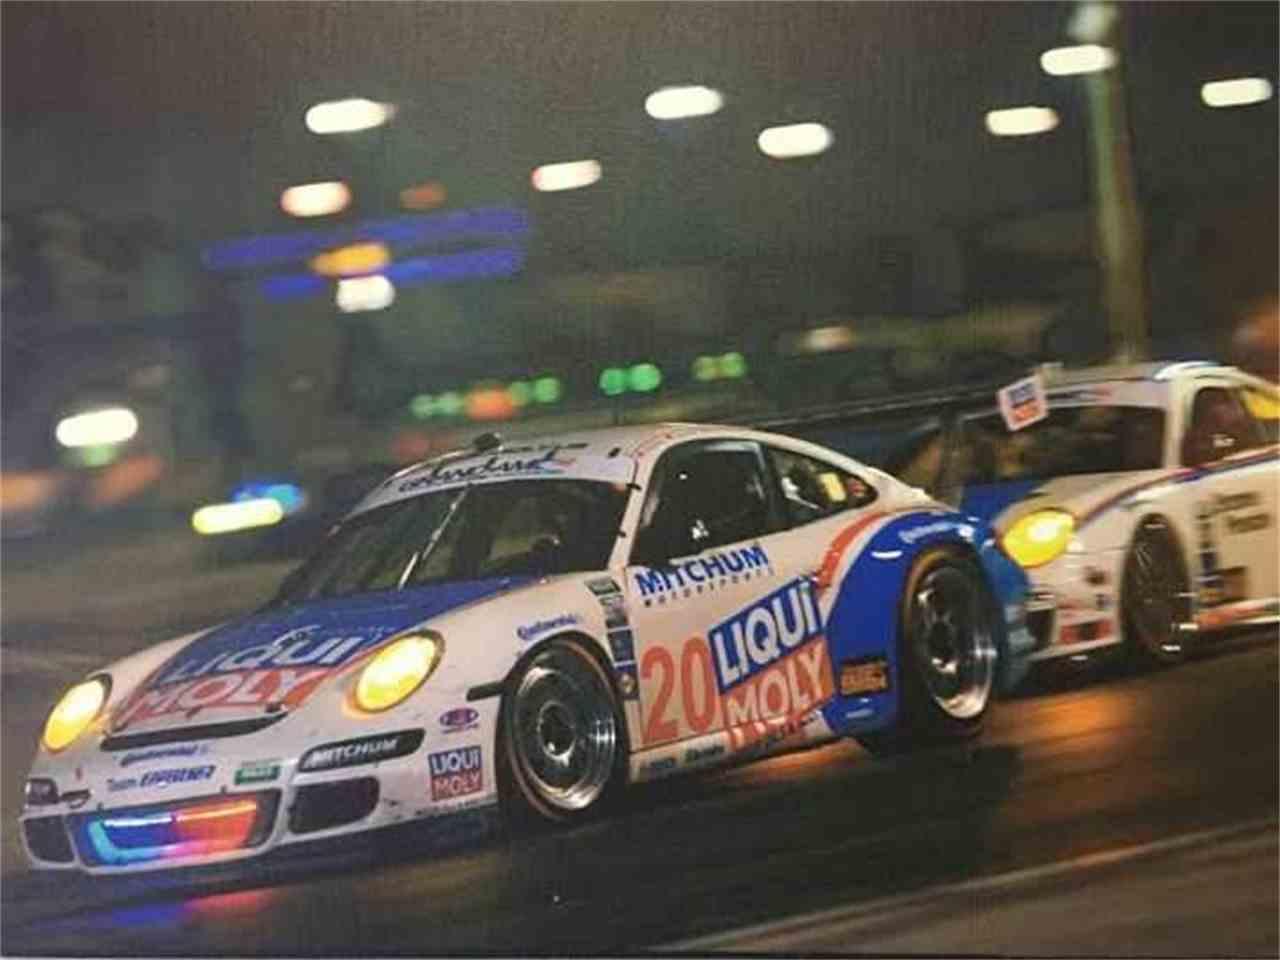 2008 Porsche Race Car for Sale | ClassicCars.com | CC-957337